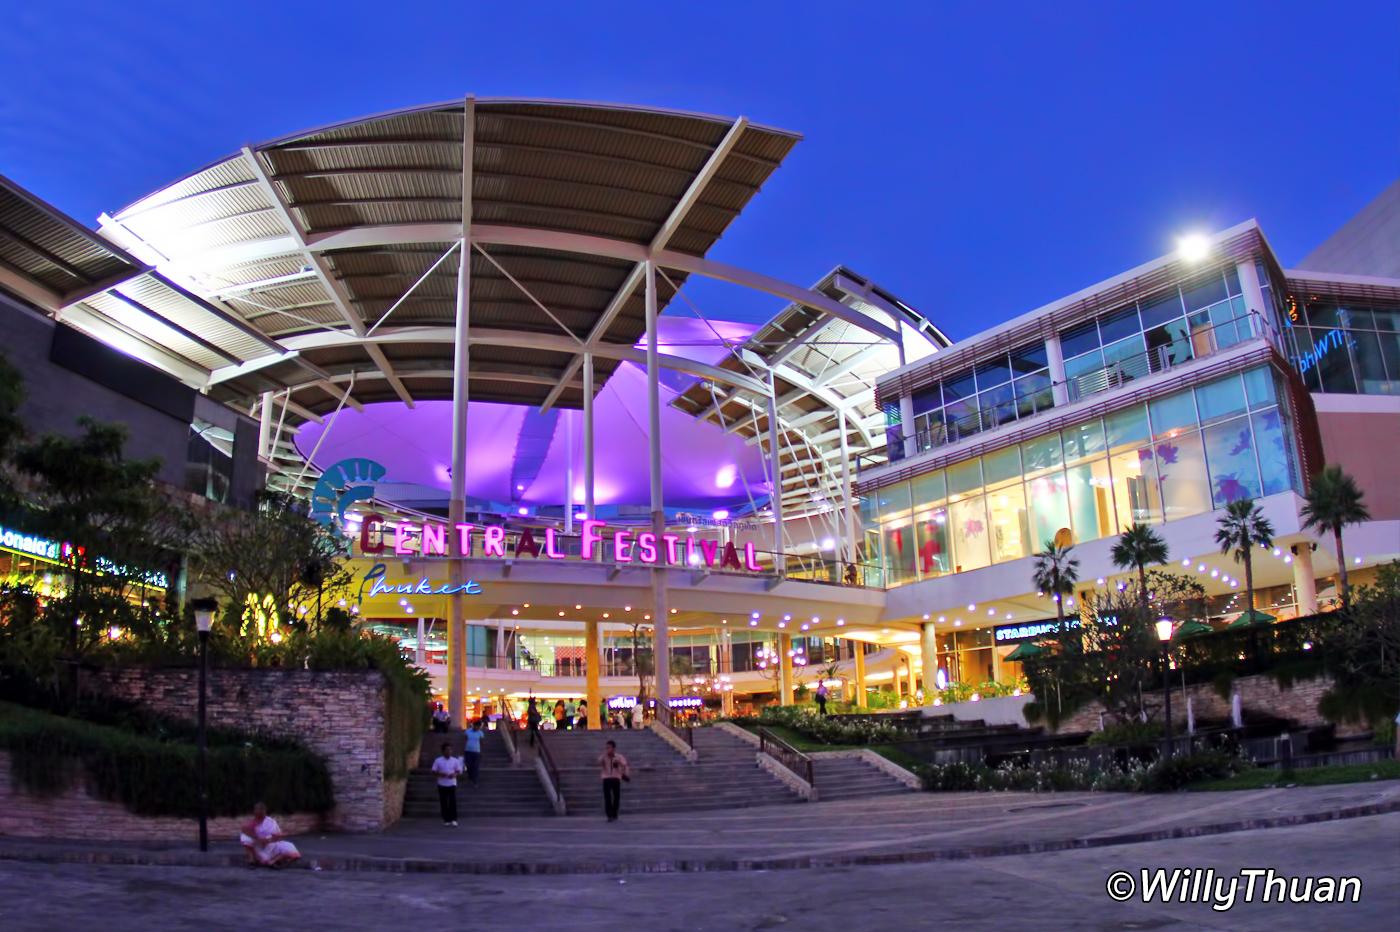 Central Festival Phuket Shopping Mall